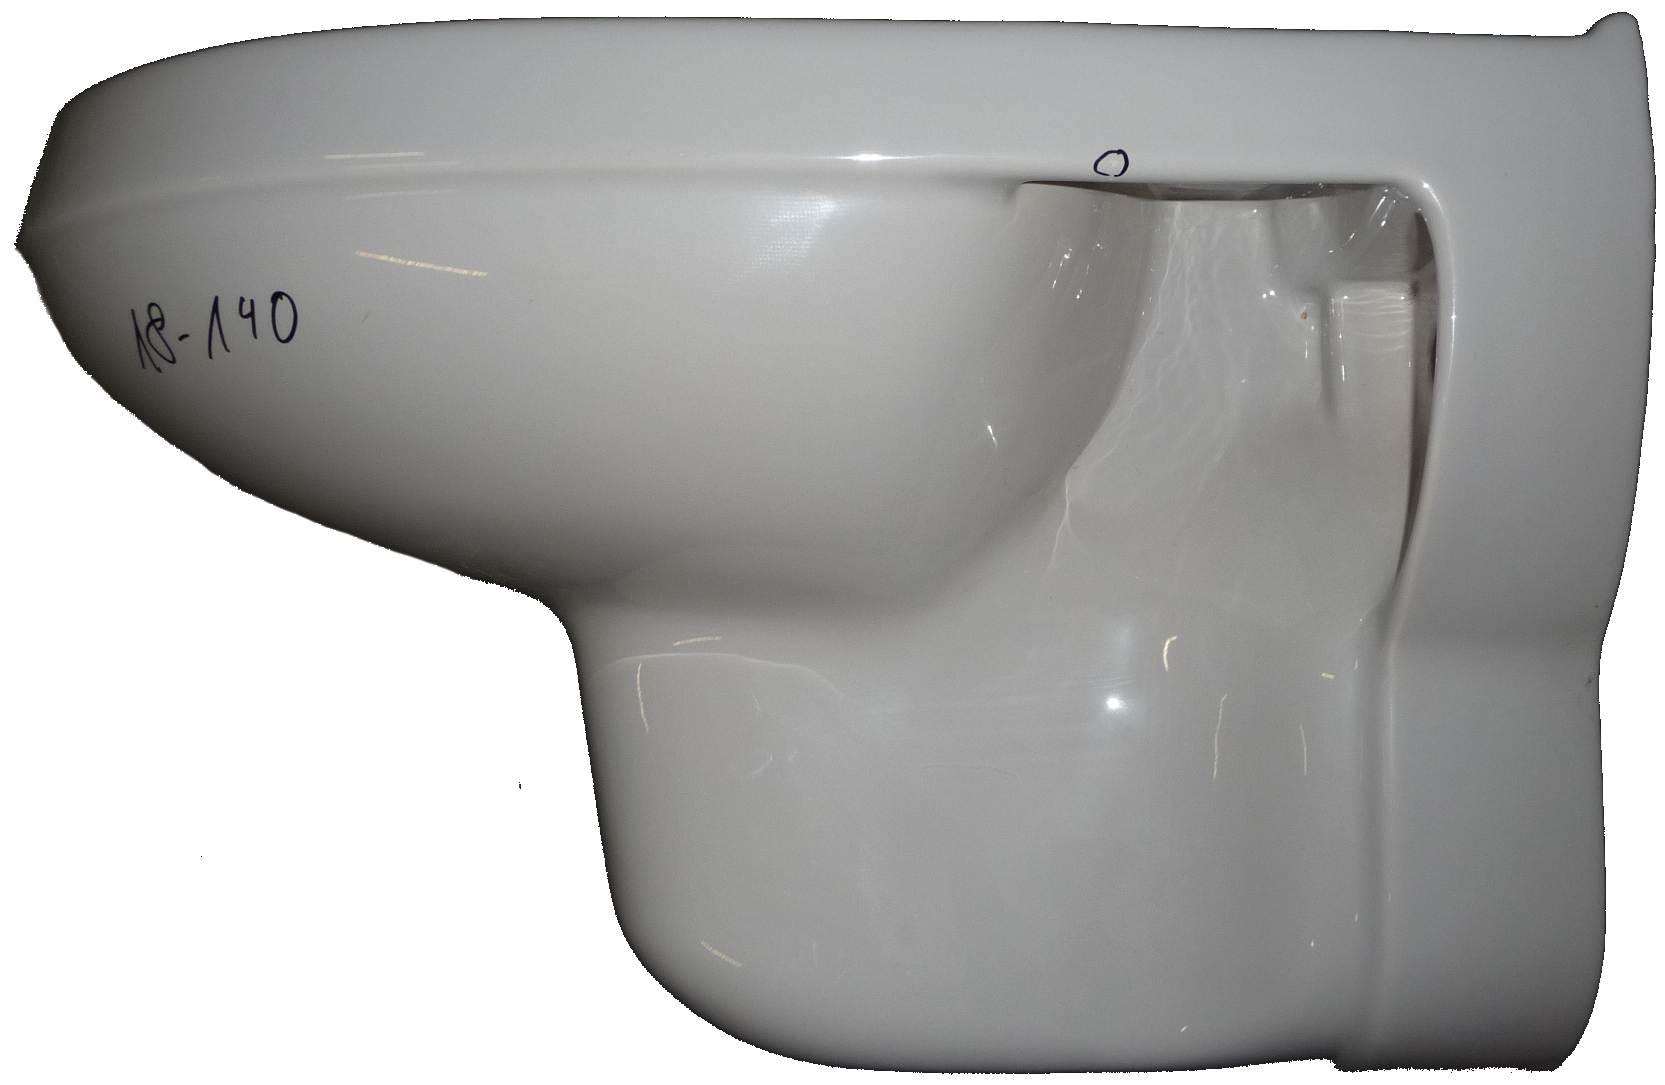 manhattan Wand-WC 56x34 cm Ideal-Standard Noblesse Bild 3 mit Beschädigung